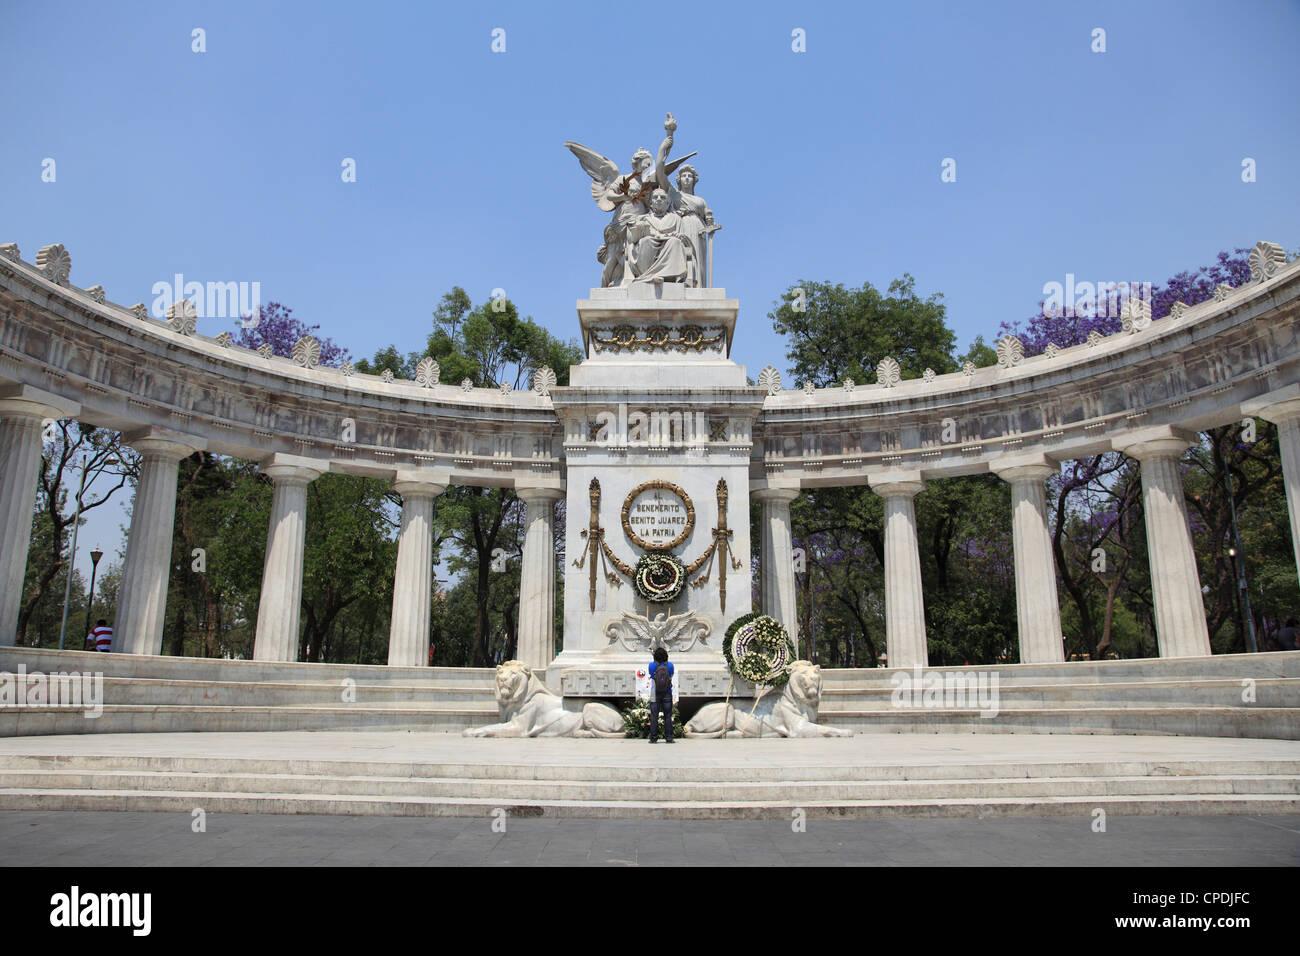 Hemiciclo (Benito Juarez Juarez un Monument), Alameda, Mexico, Mexique, Amérique du Nord Photo Stock